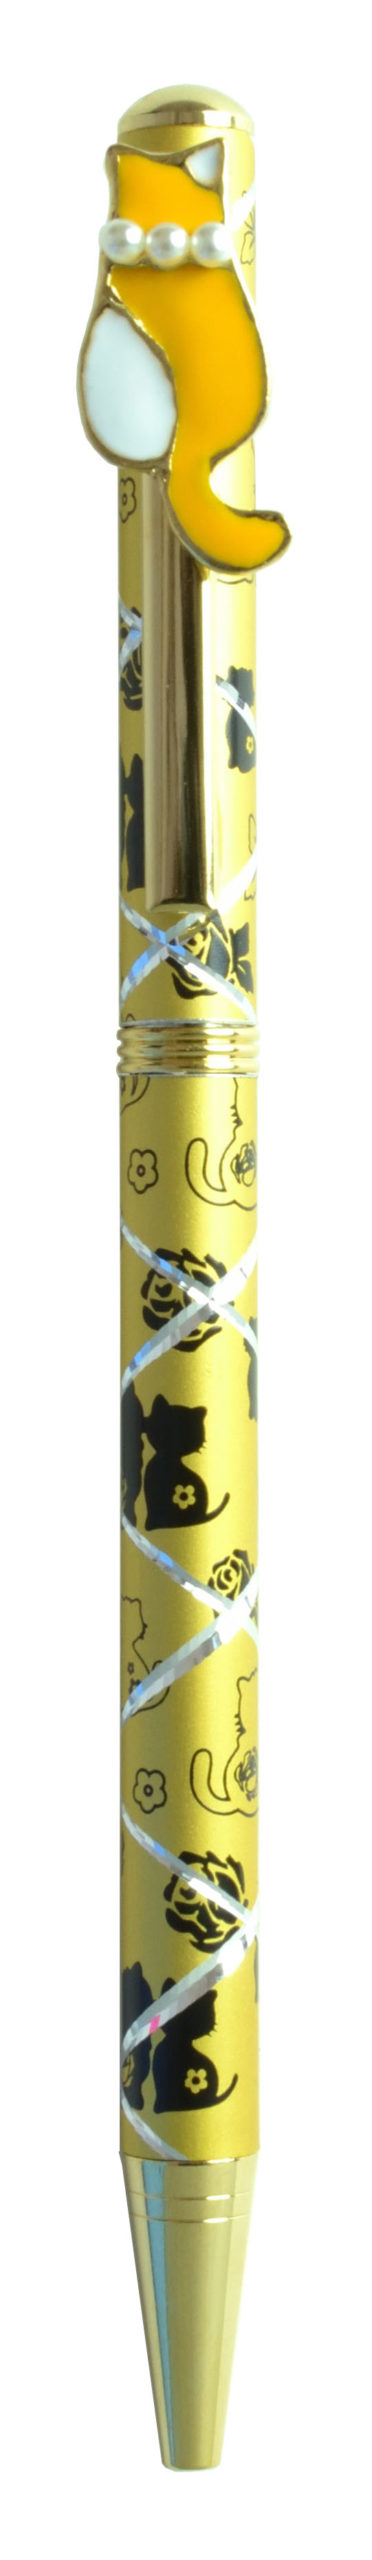 パール付きボールペン ネコ4 イエロー <br>No.65412